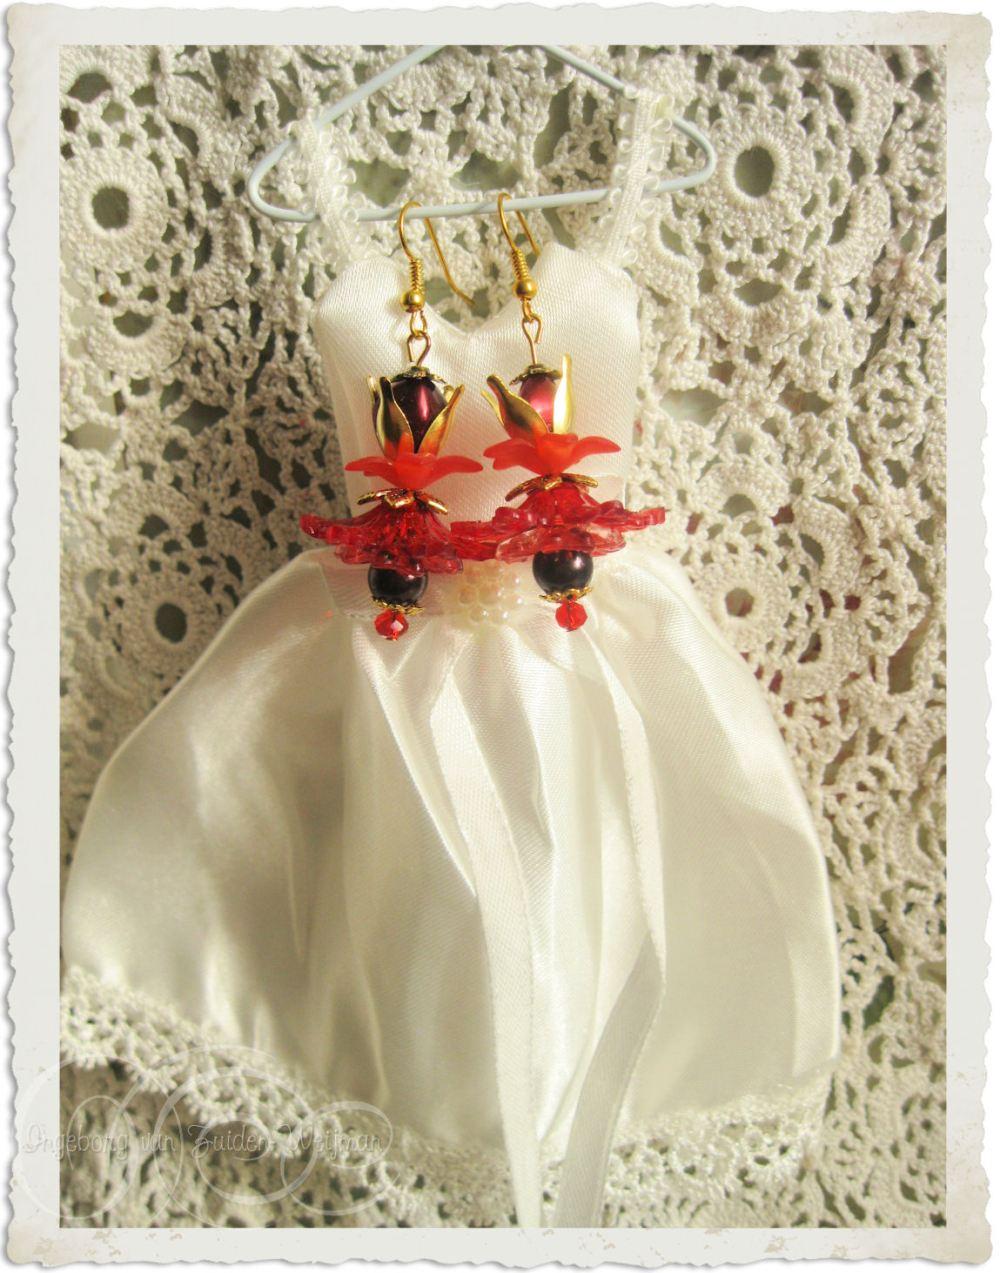 Rood gouden oorbellen met bloemen door Ingeborg van Zuiden